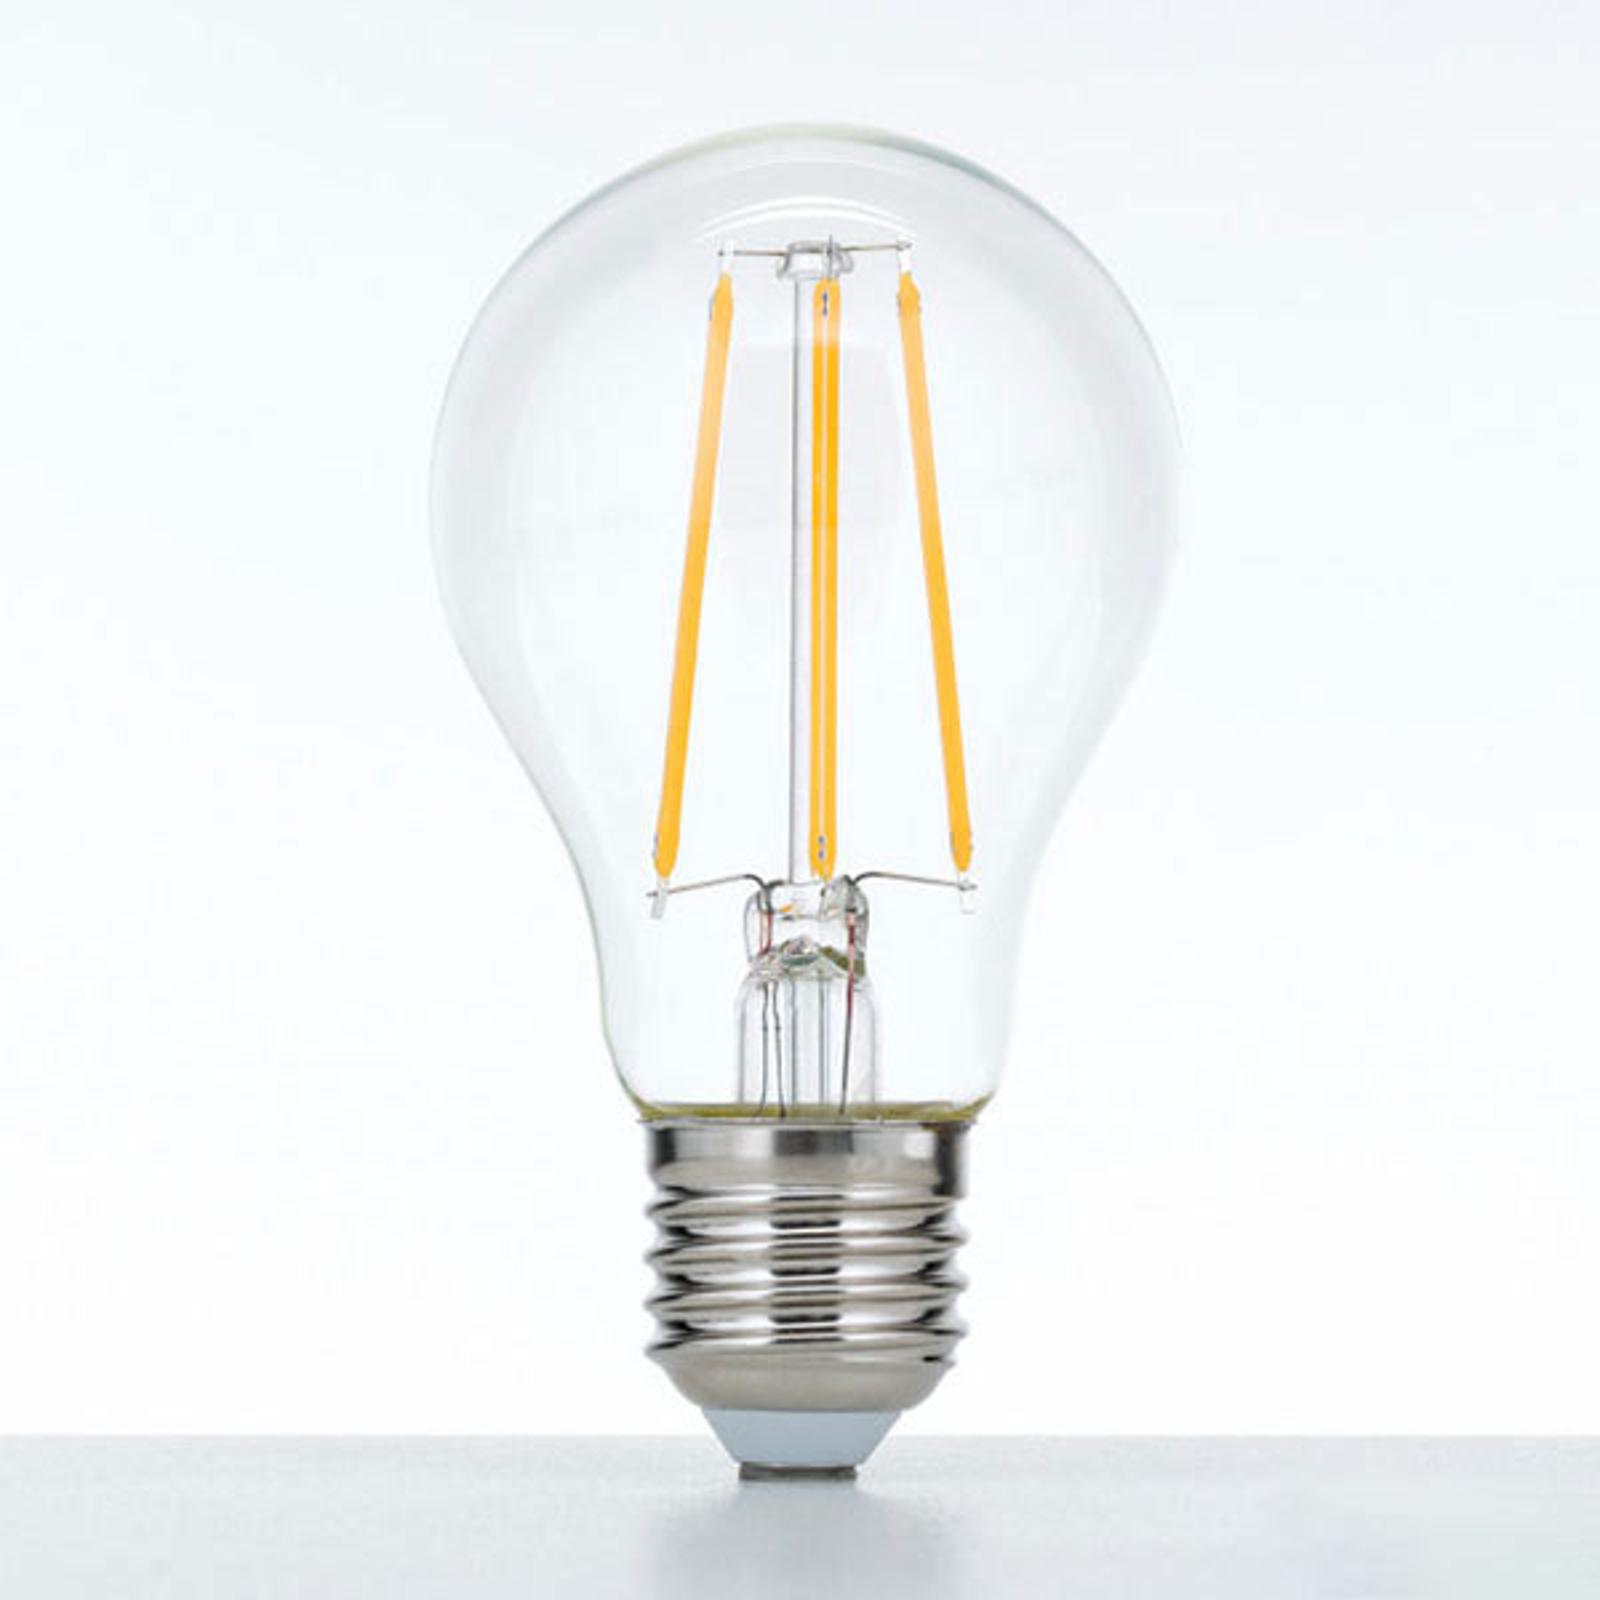 Ampoule LED E27 10W 2700K filament dimmable